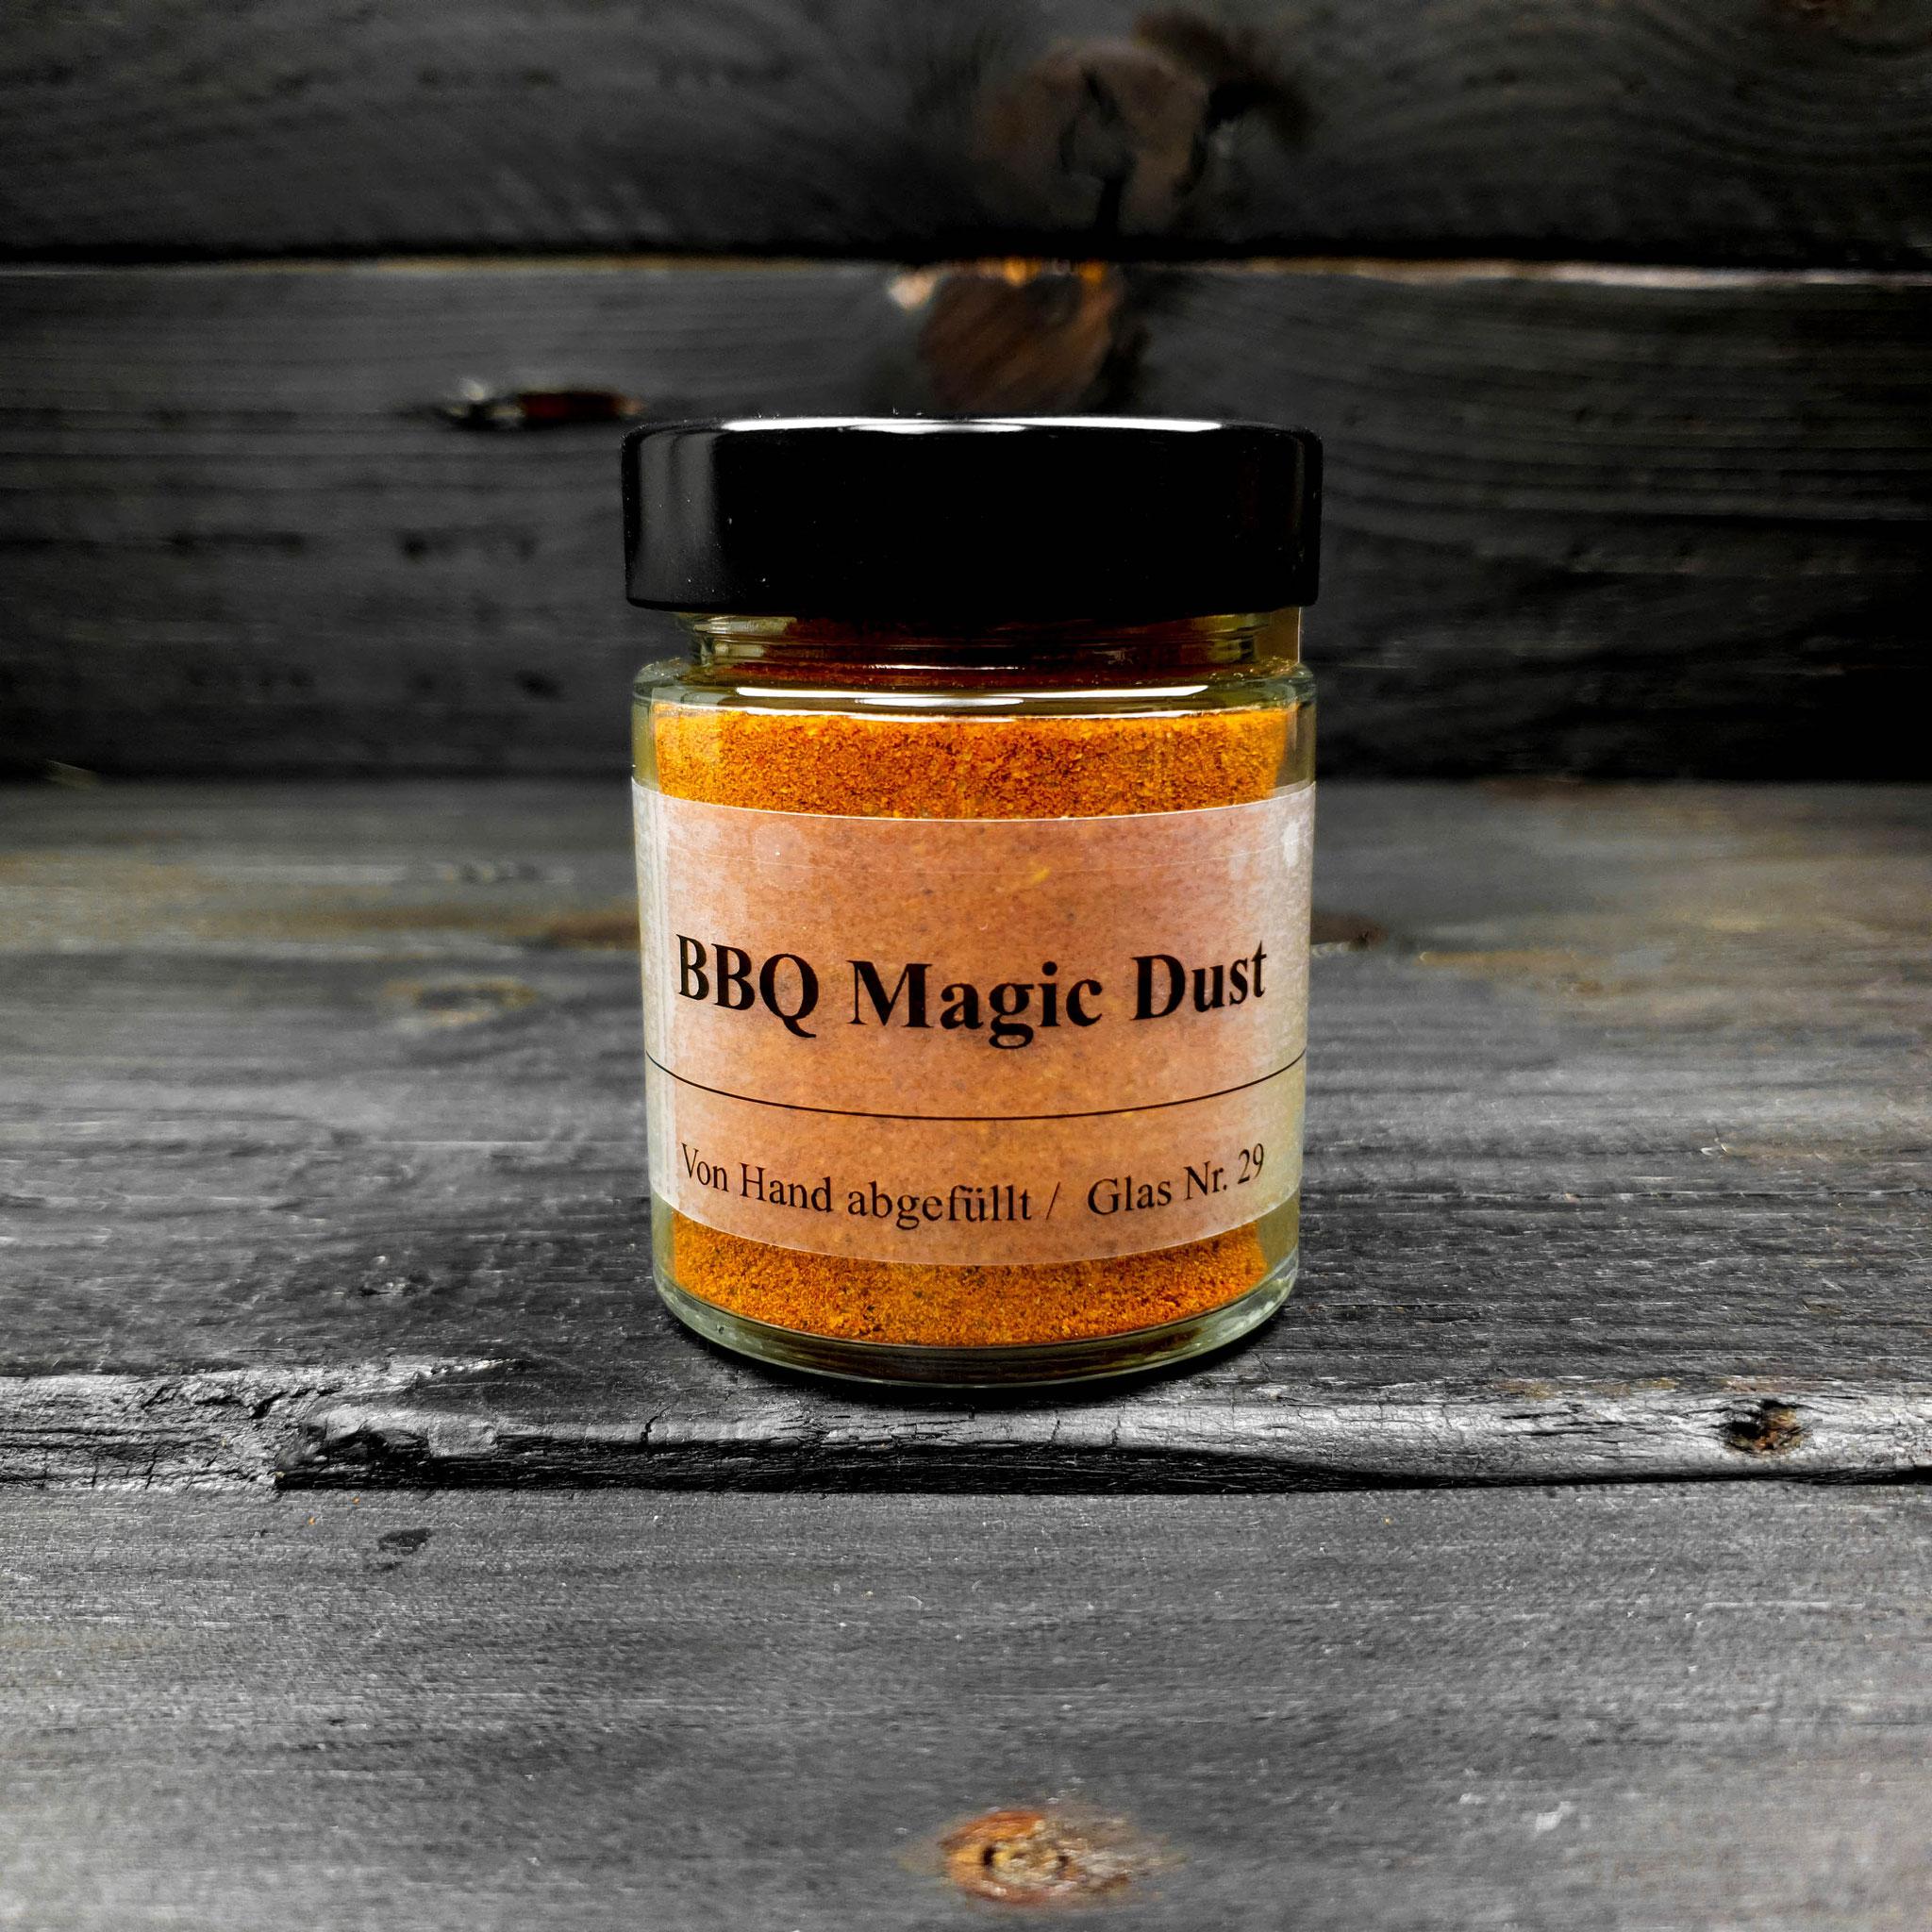 BBQ Magic Dust Rub